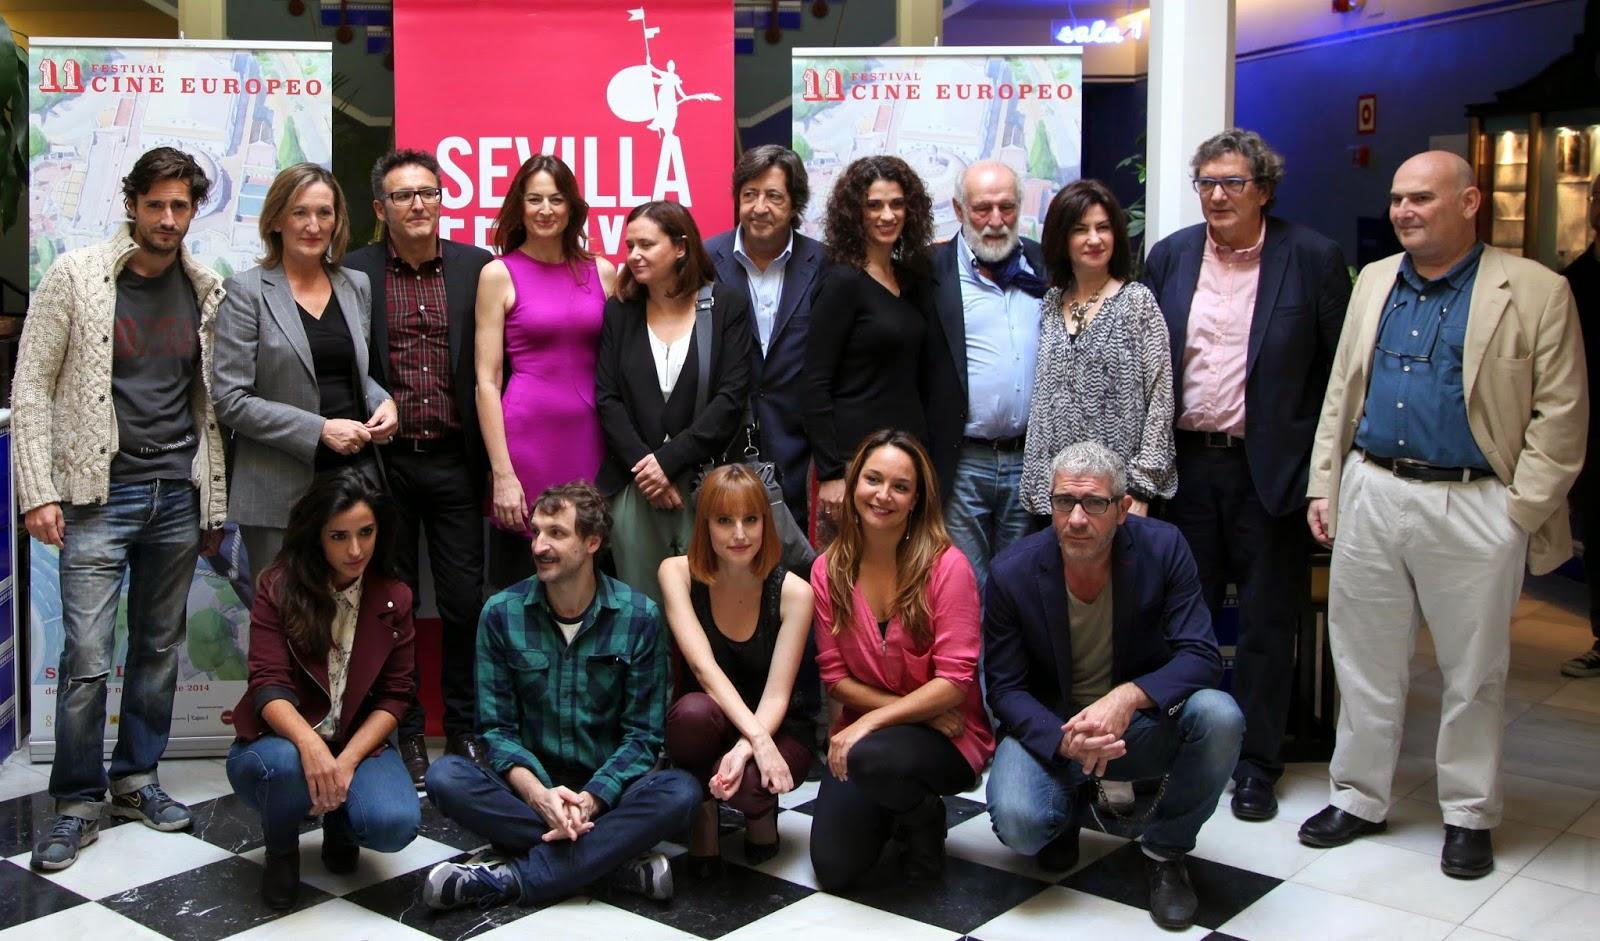 Presentación en Madrid del Festival de Cine Europeo de Sevilla